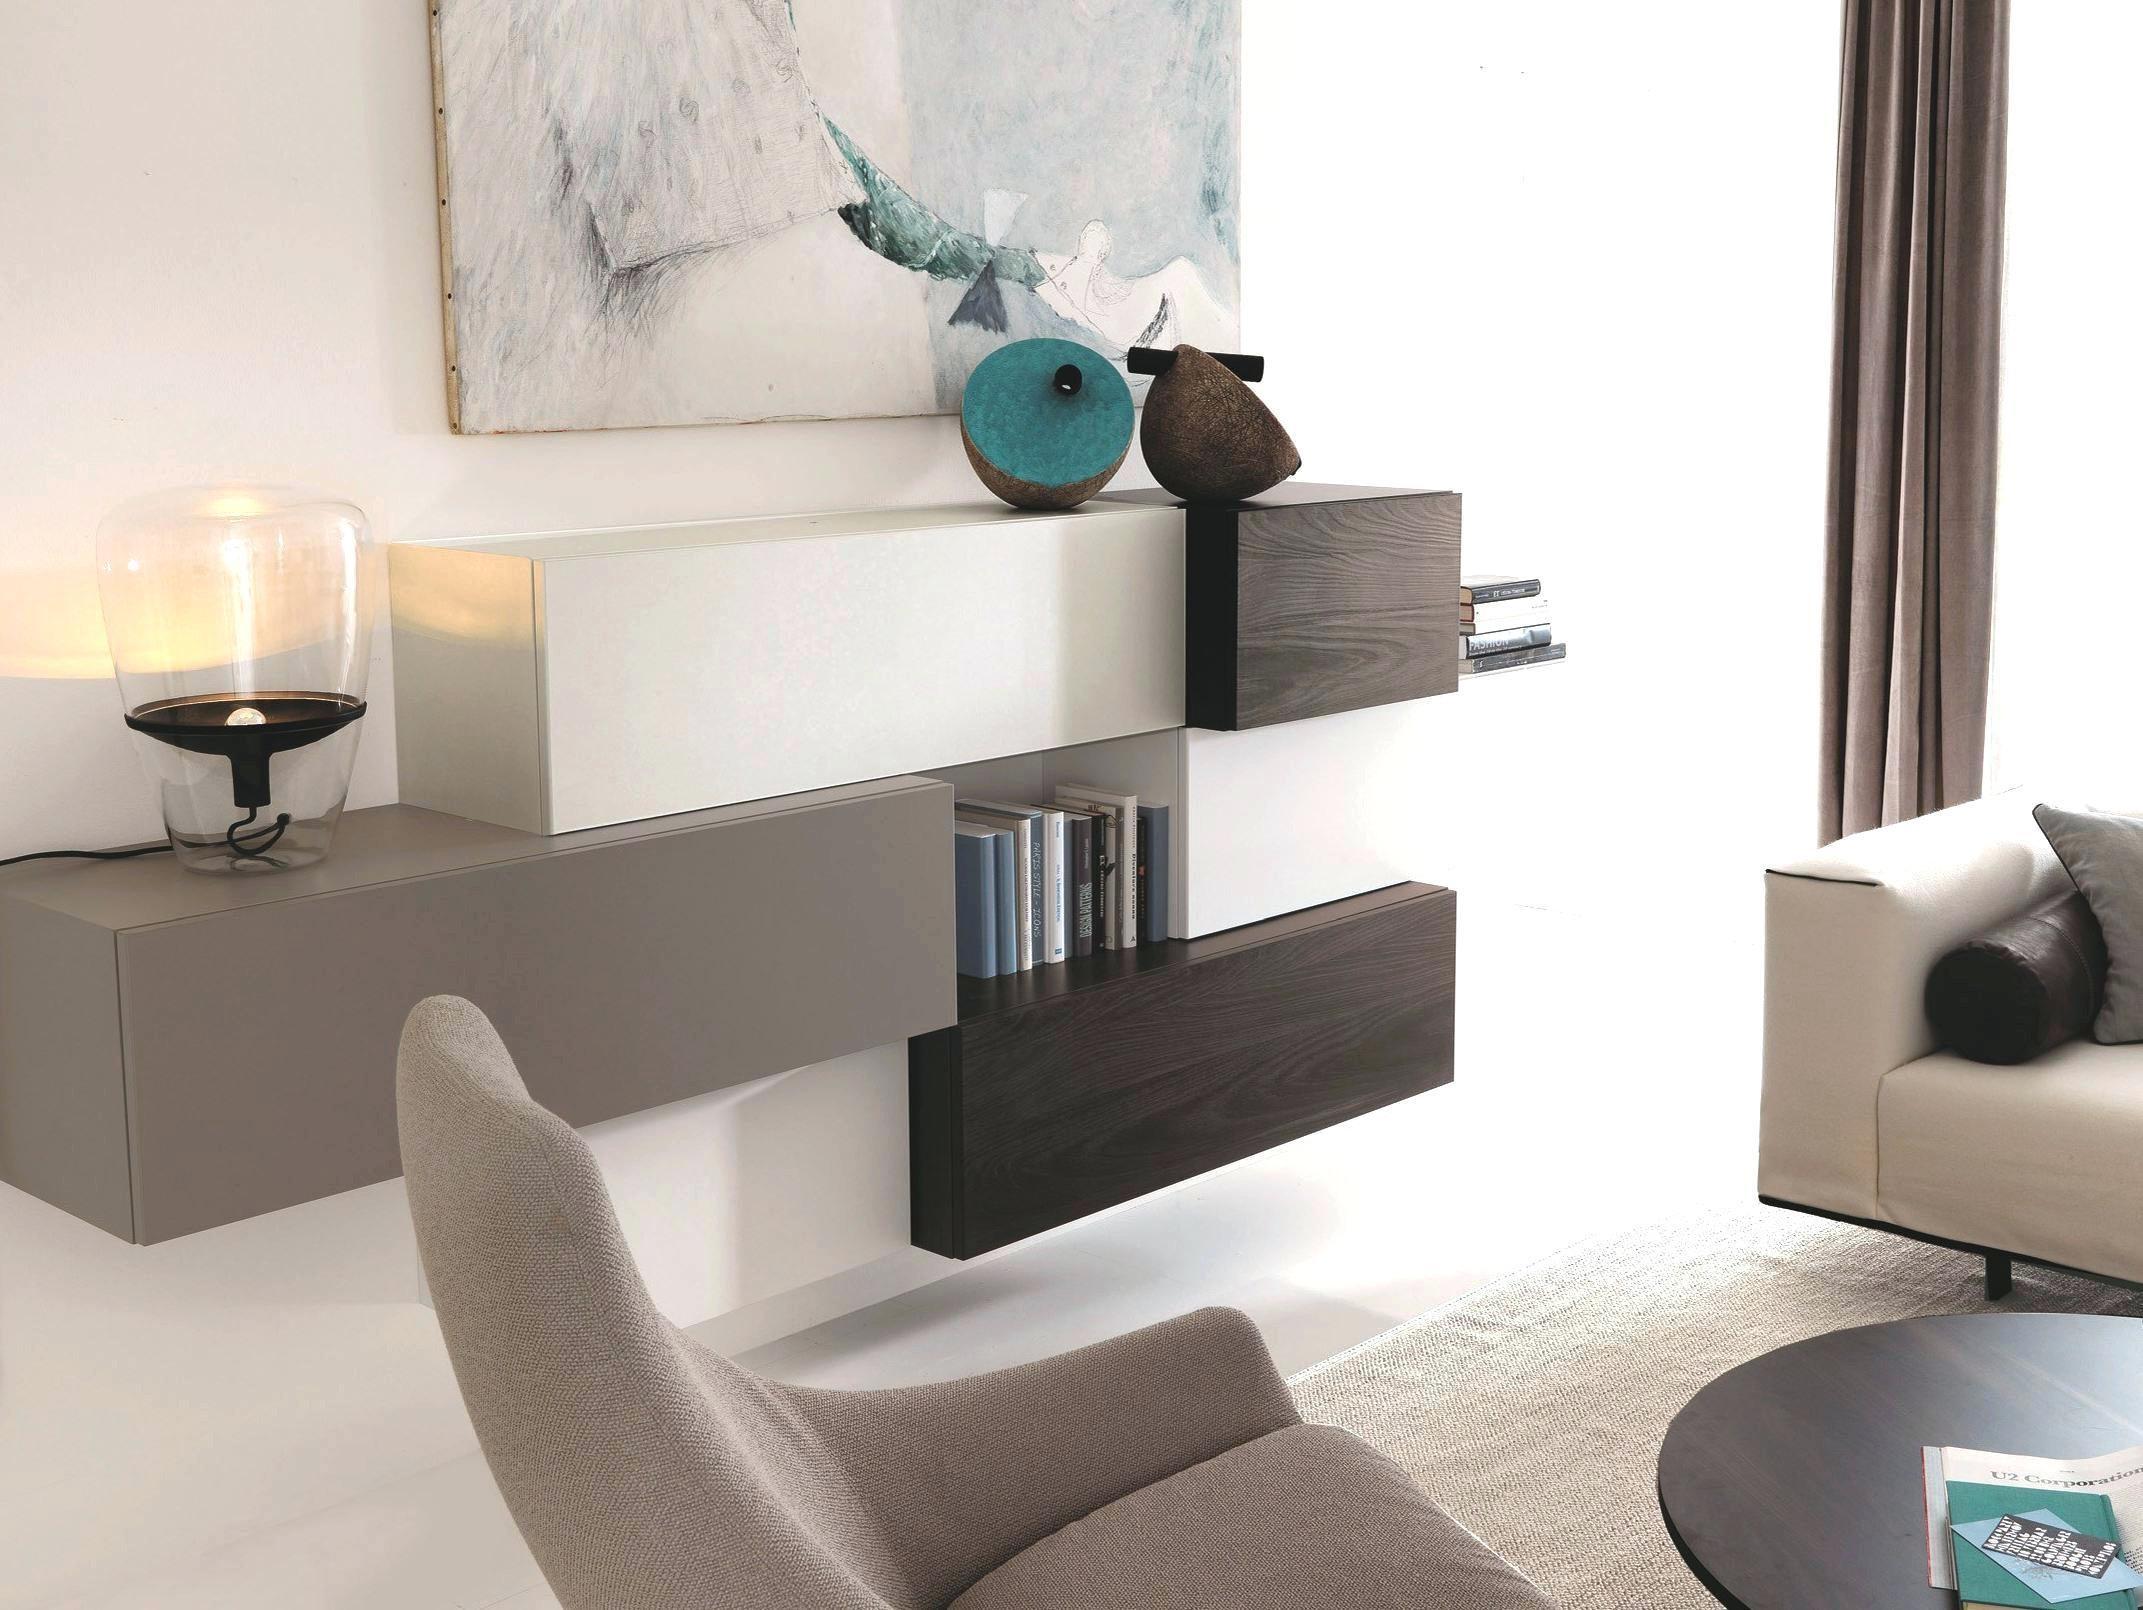 Full Size of Küchenrückwand Ikea Ideen Besta Küche Kosten Betten 160x200 Kaufen Modulküche Bei Miniküche Sofa Mit Schlaffunktion Wohnzimmer Küchenrückwand Ikea